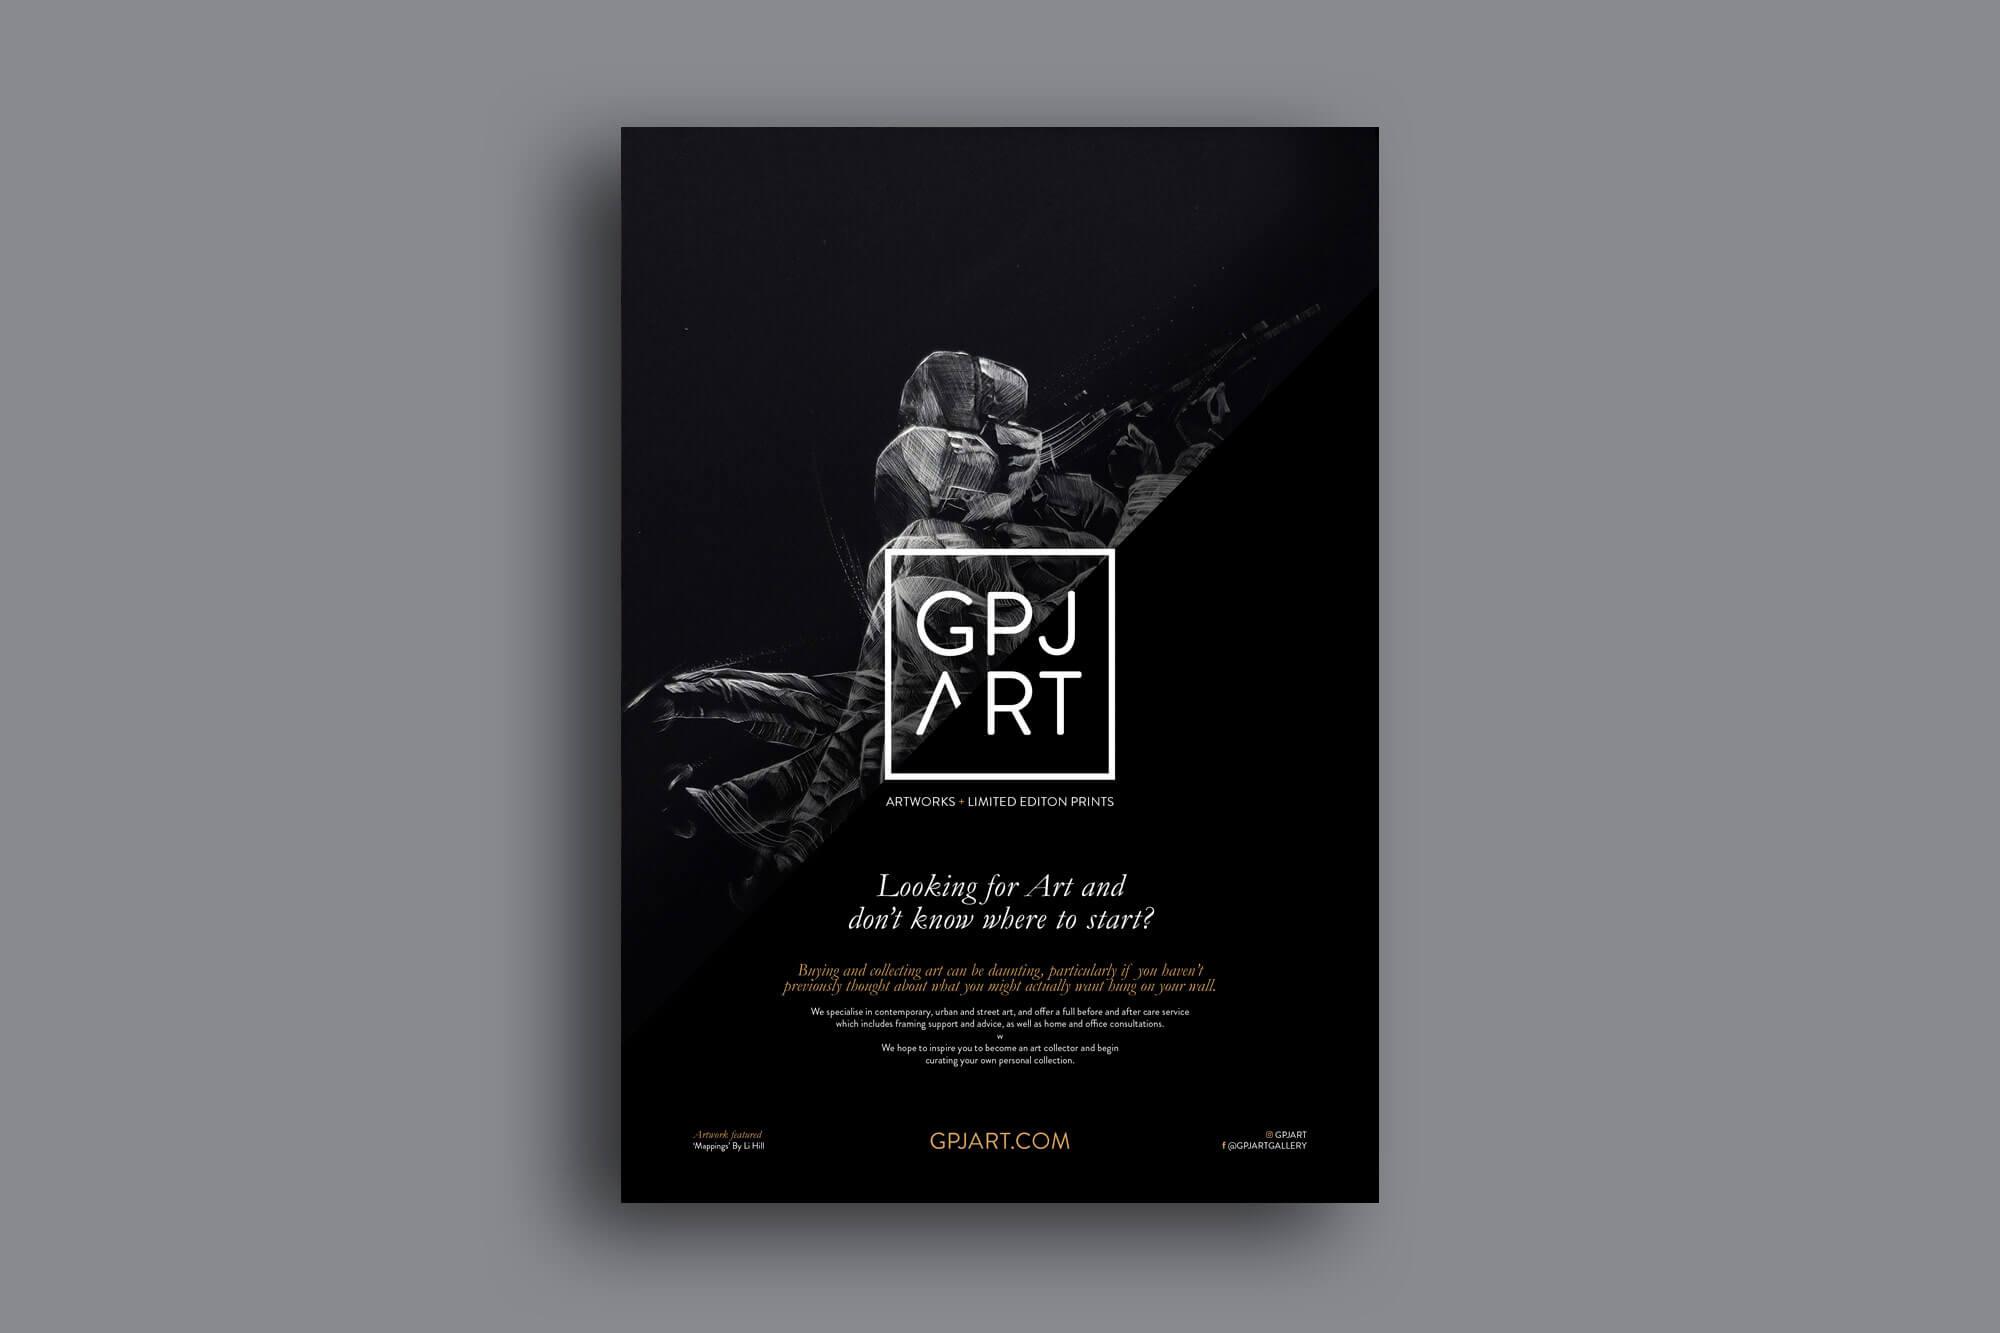 gpj-studio-design-gpj-art-cs-12